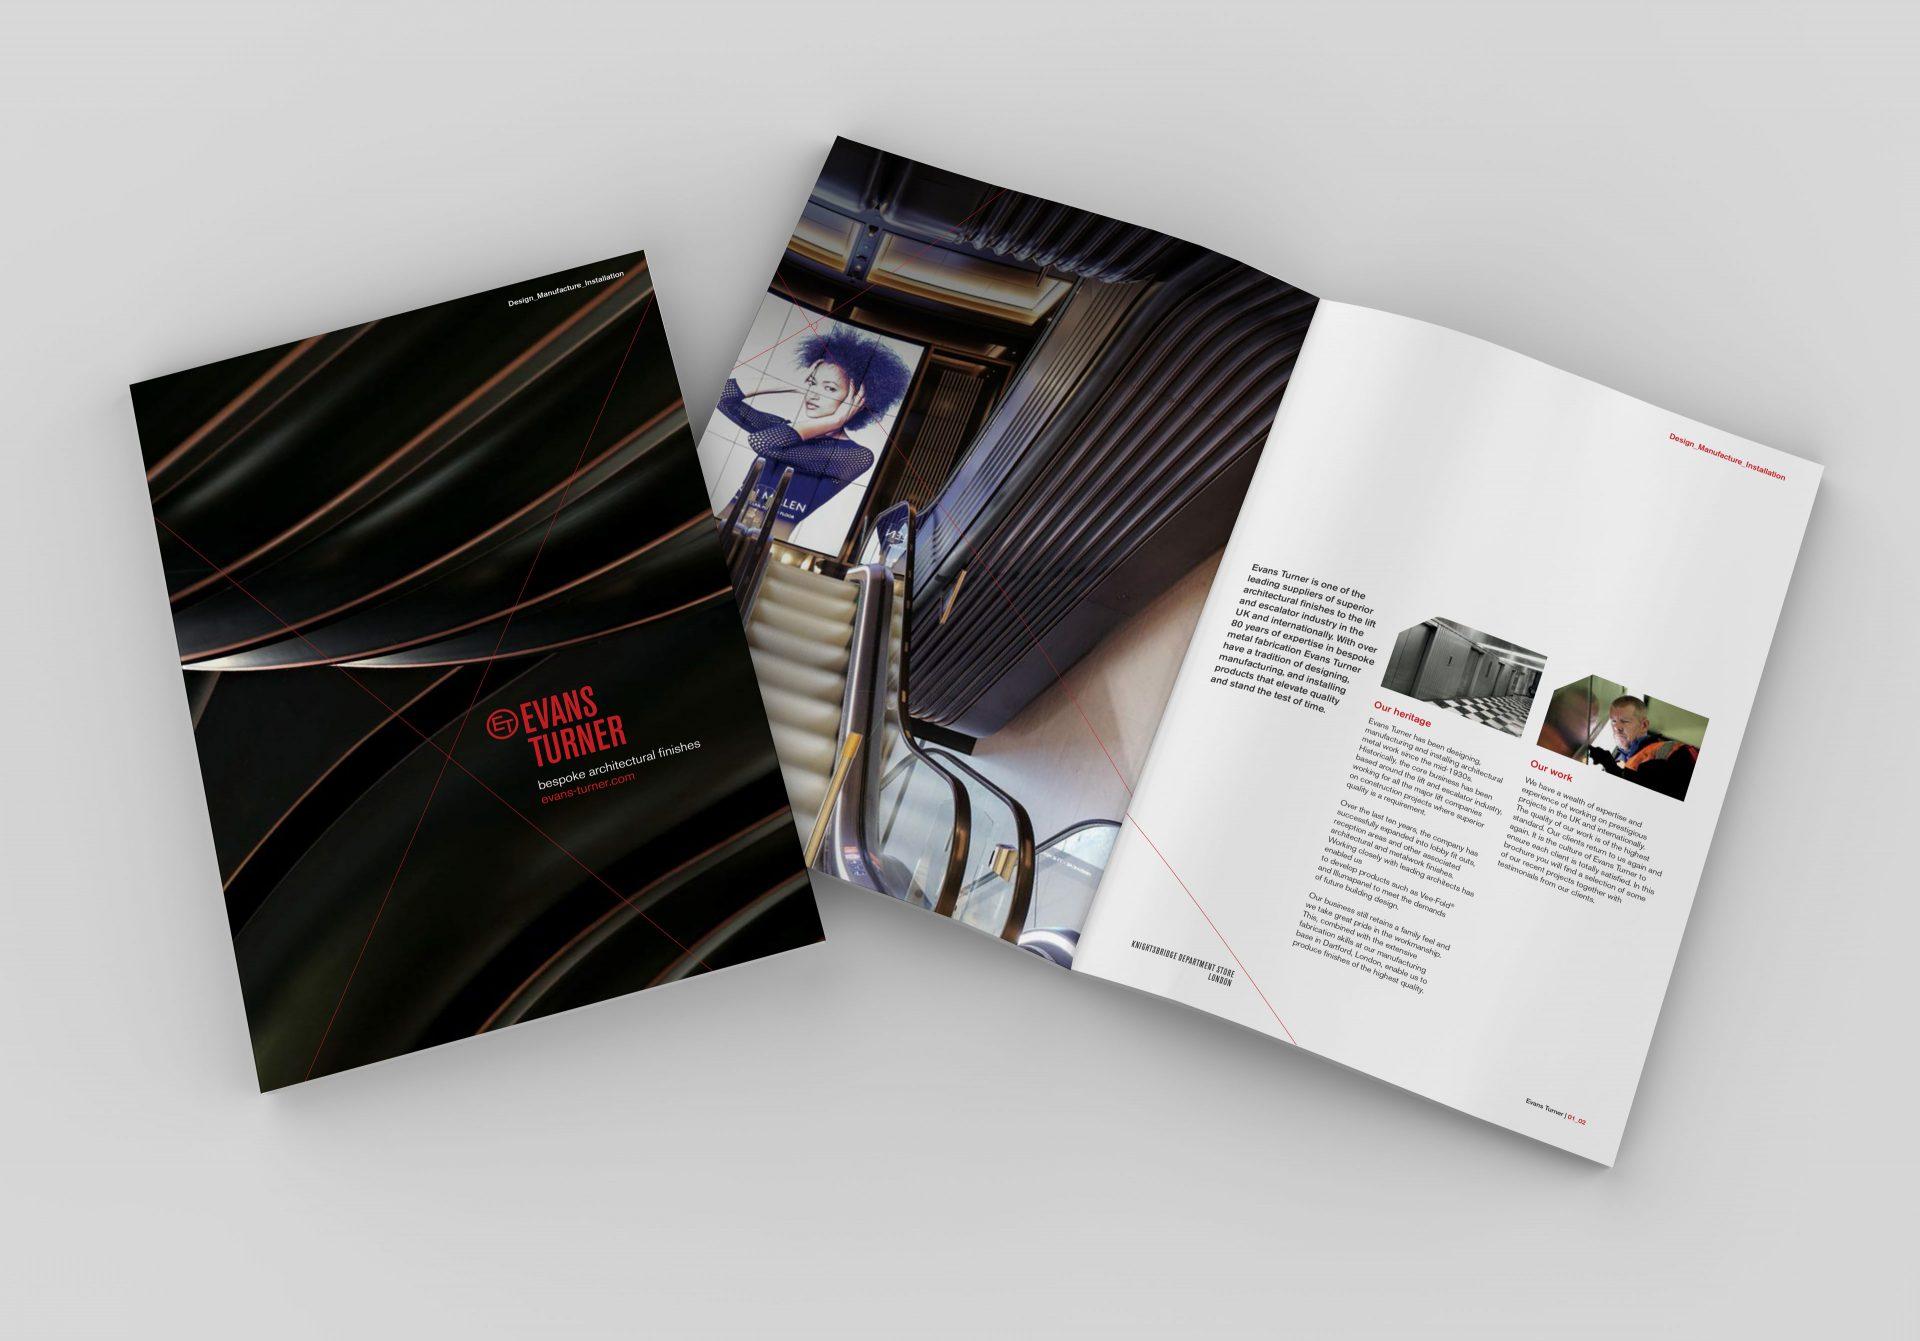 Evans-Turner-Brochure-design-by-Nugget-Design